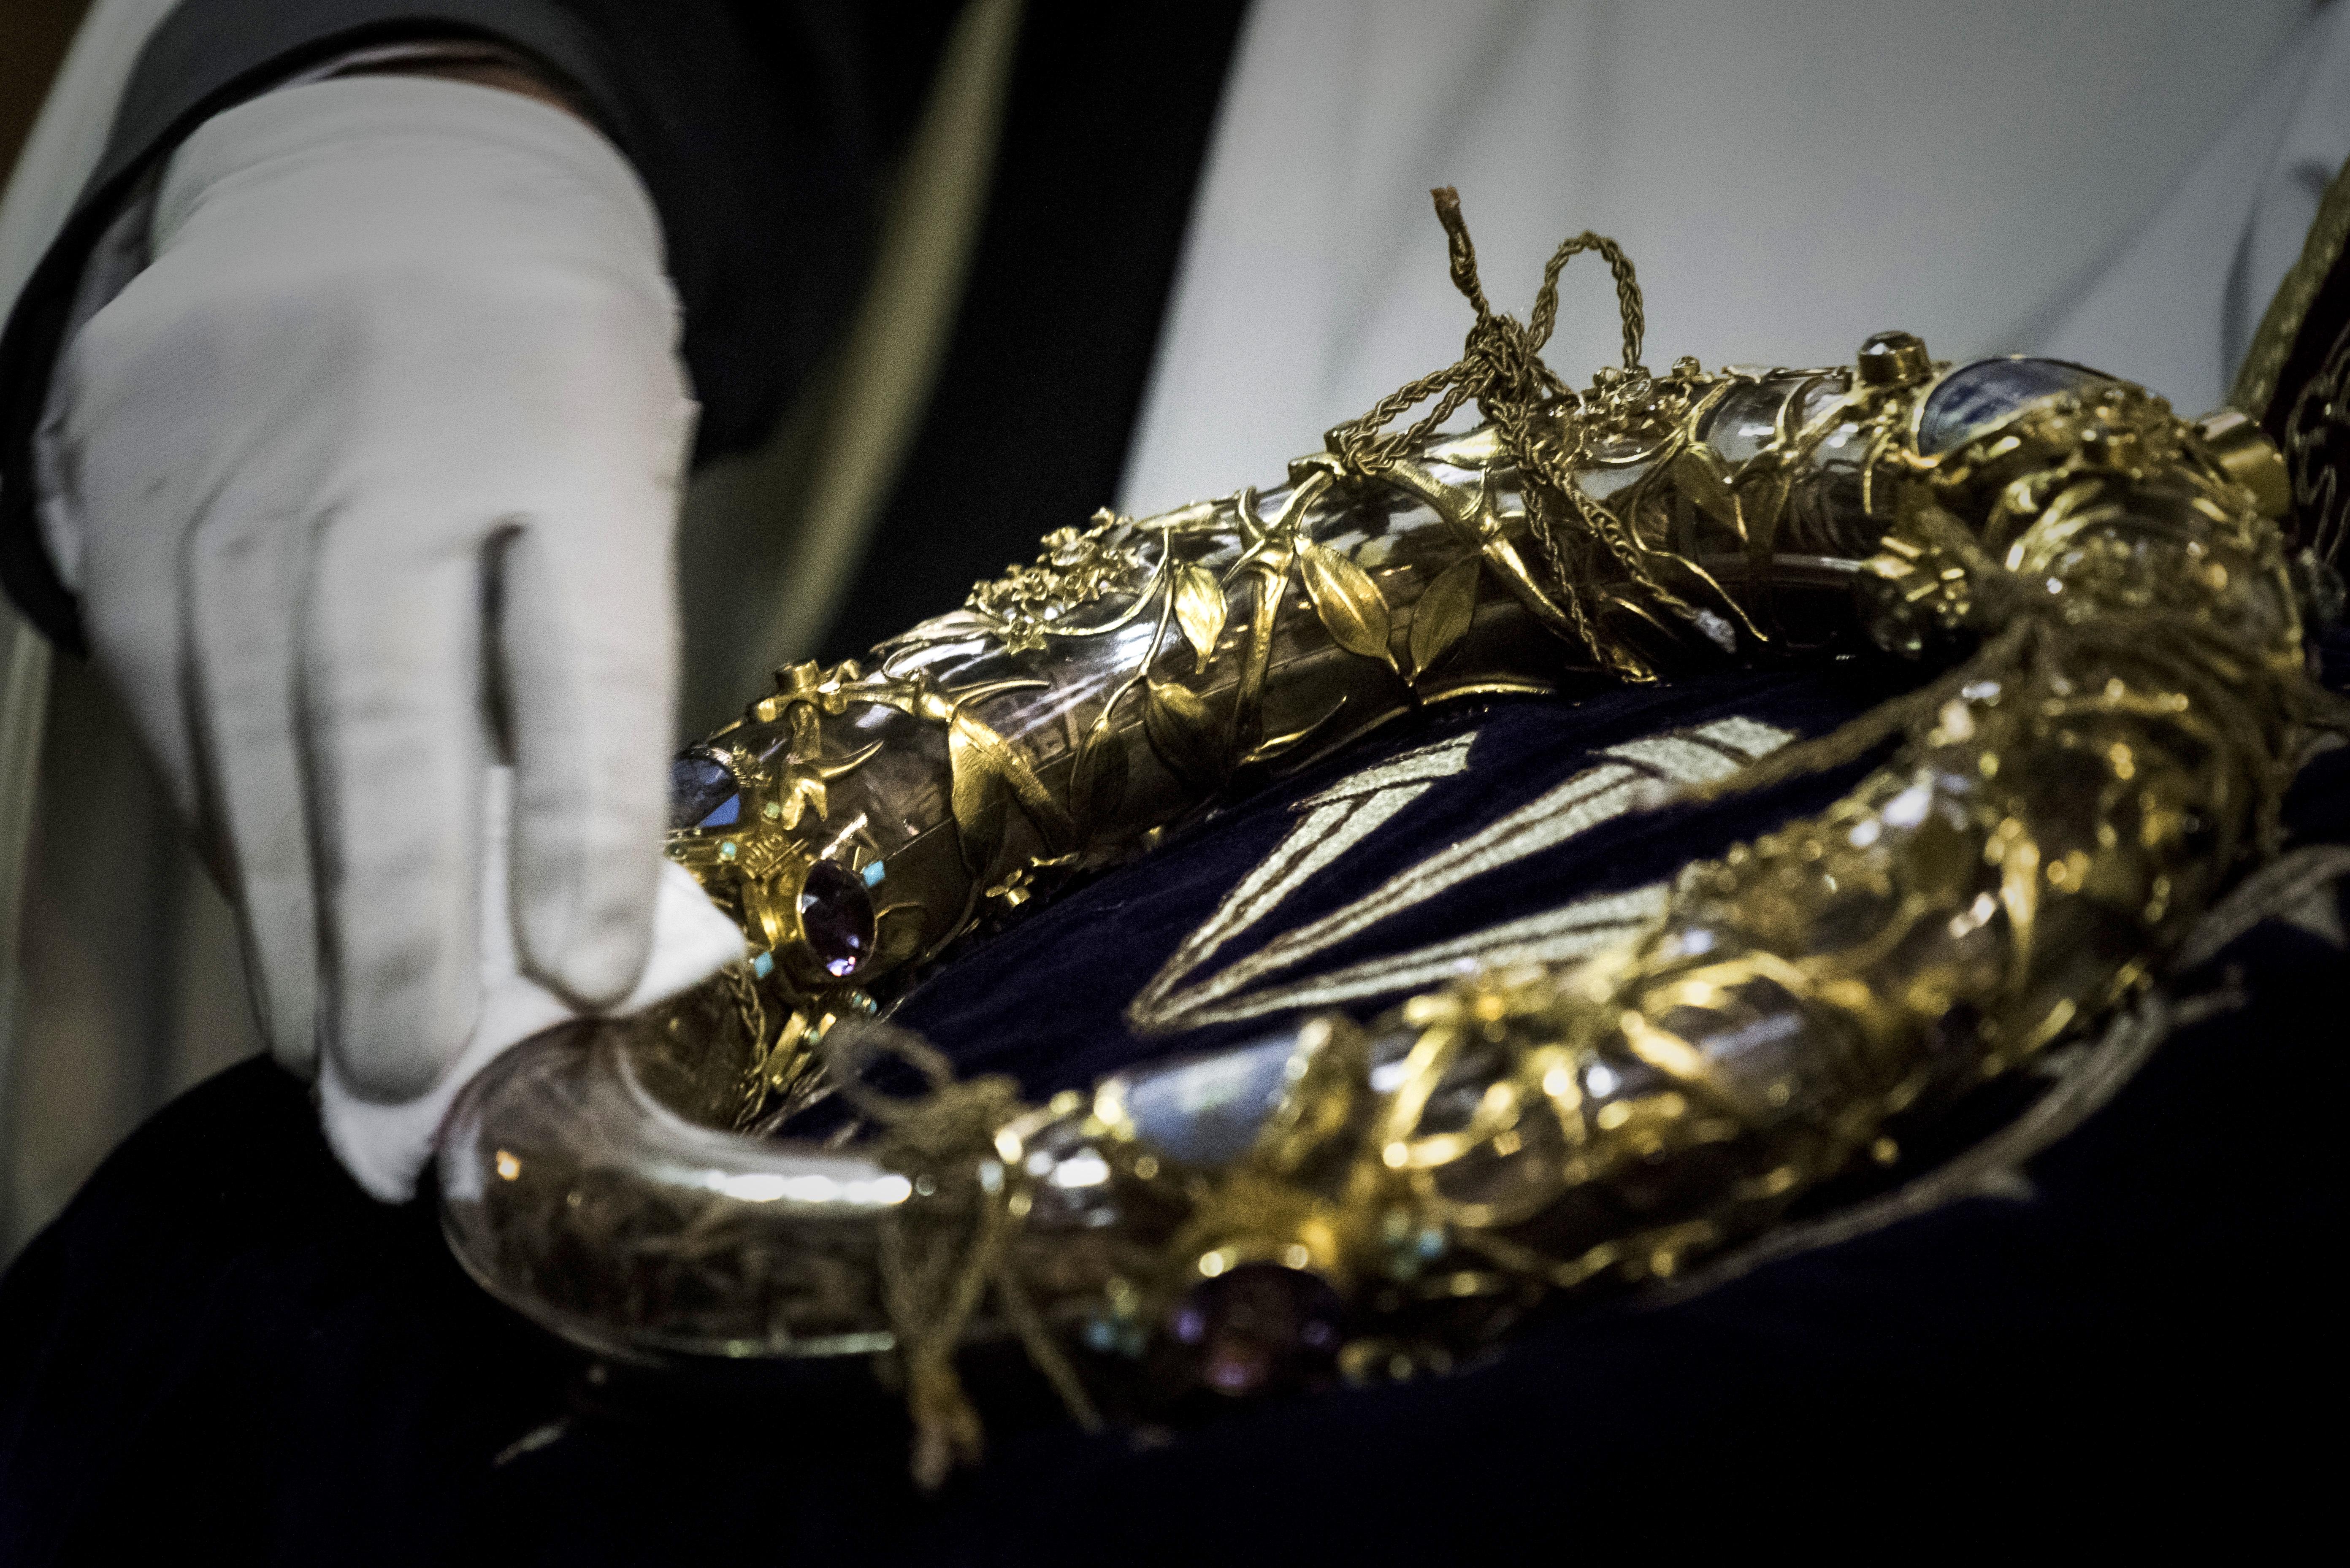 Los tesoros más valiosos de Notre Dame están intactos pese al incendio